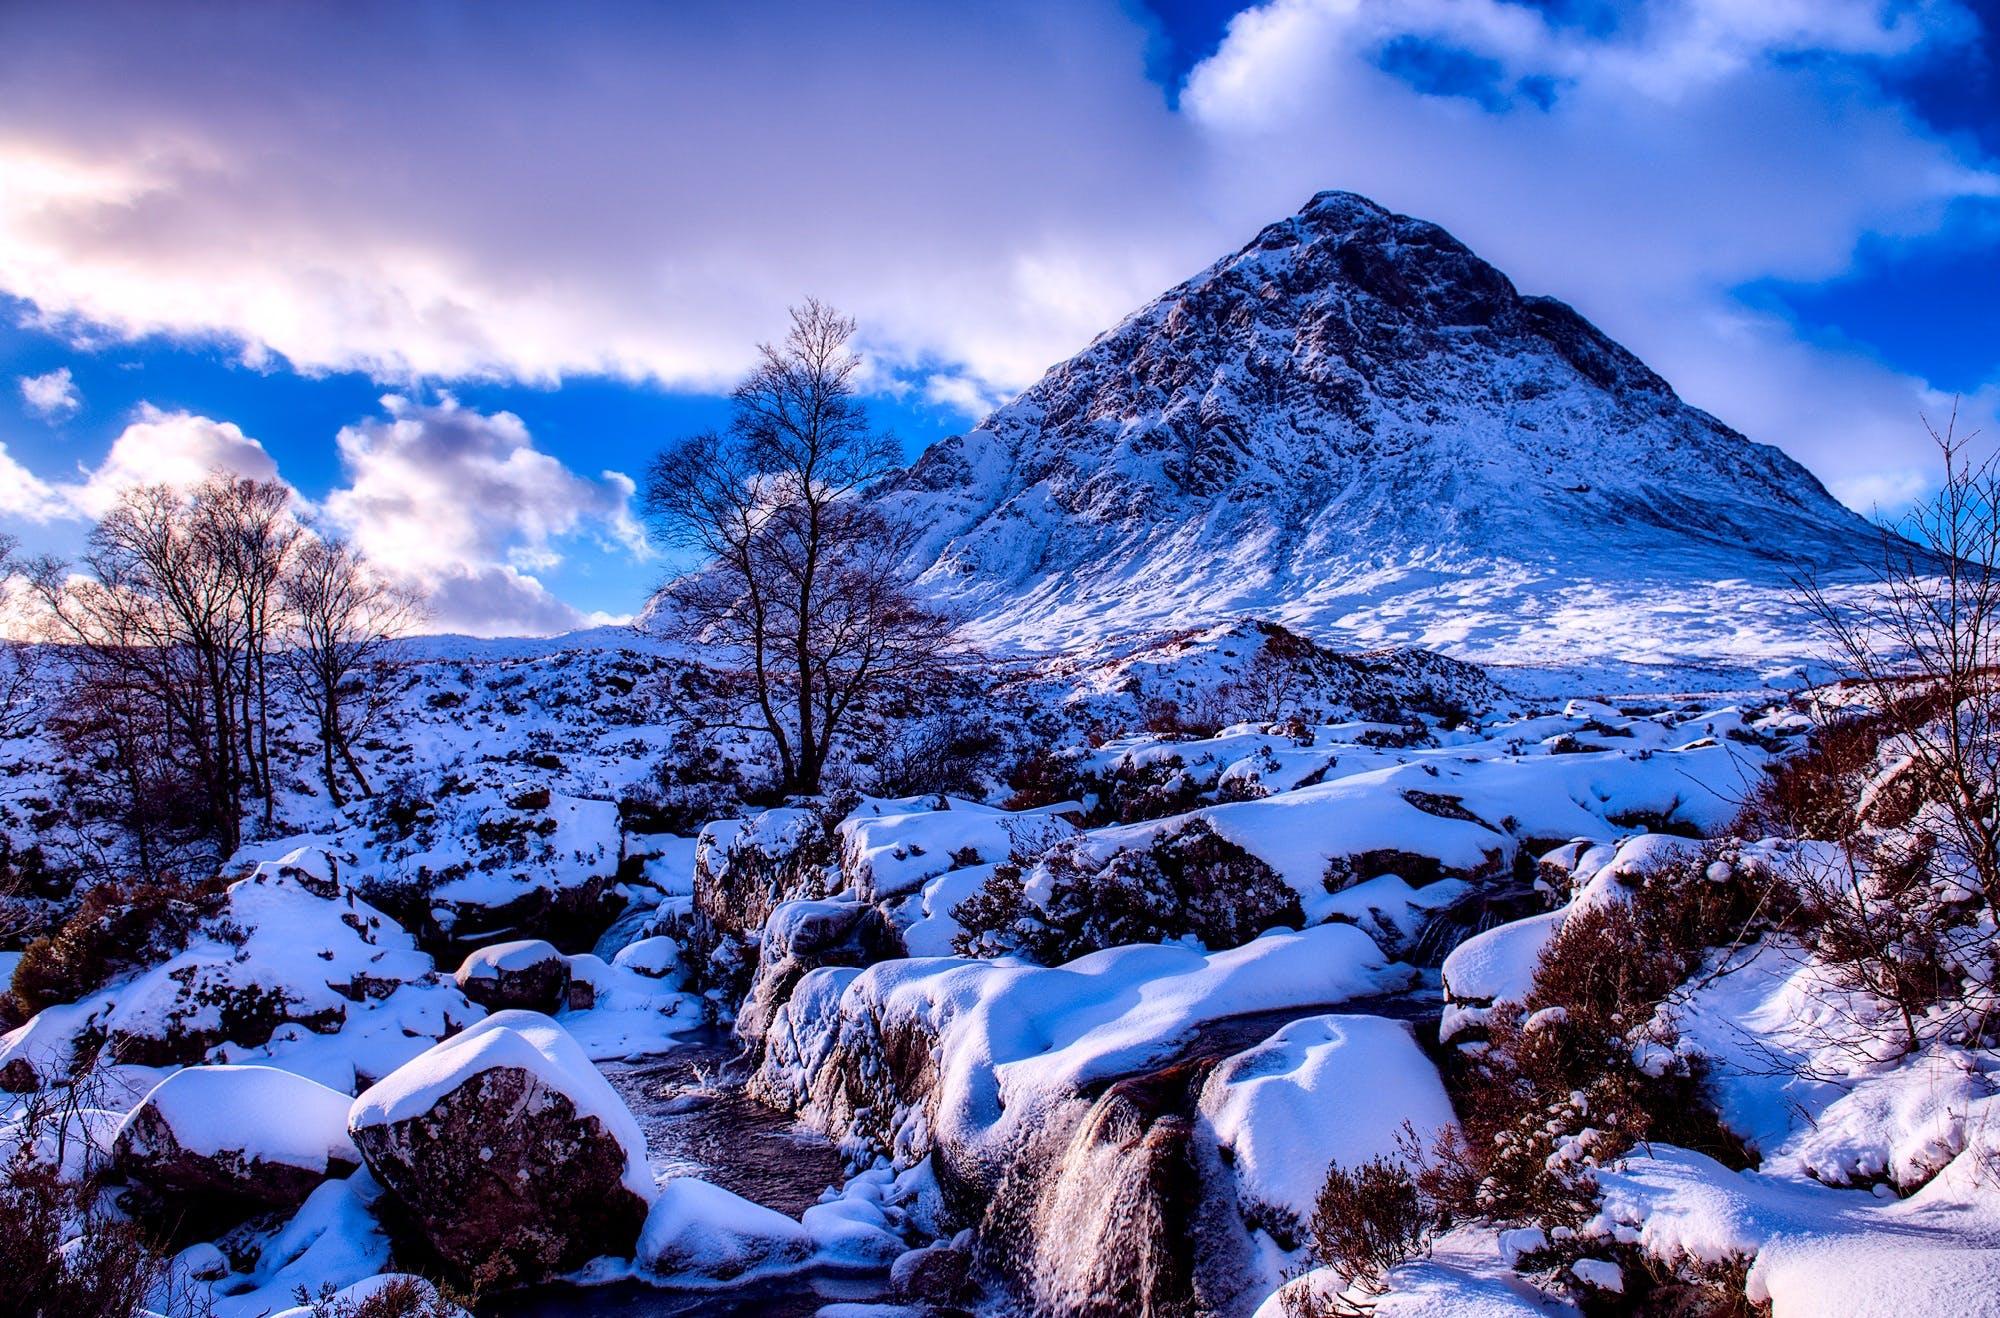 Δωρεάν στοκ φωτογραφιών με αυγή, βουνό, βράχια, βραχώδης